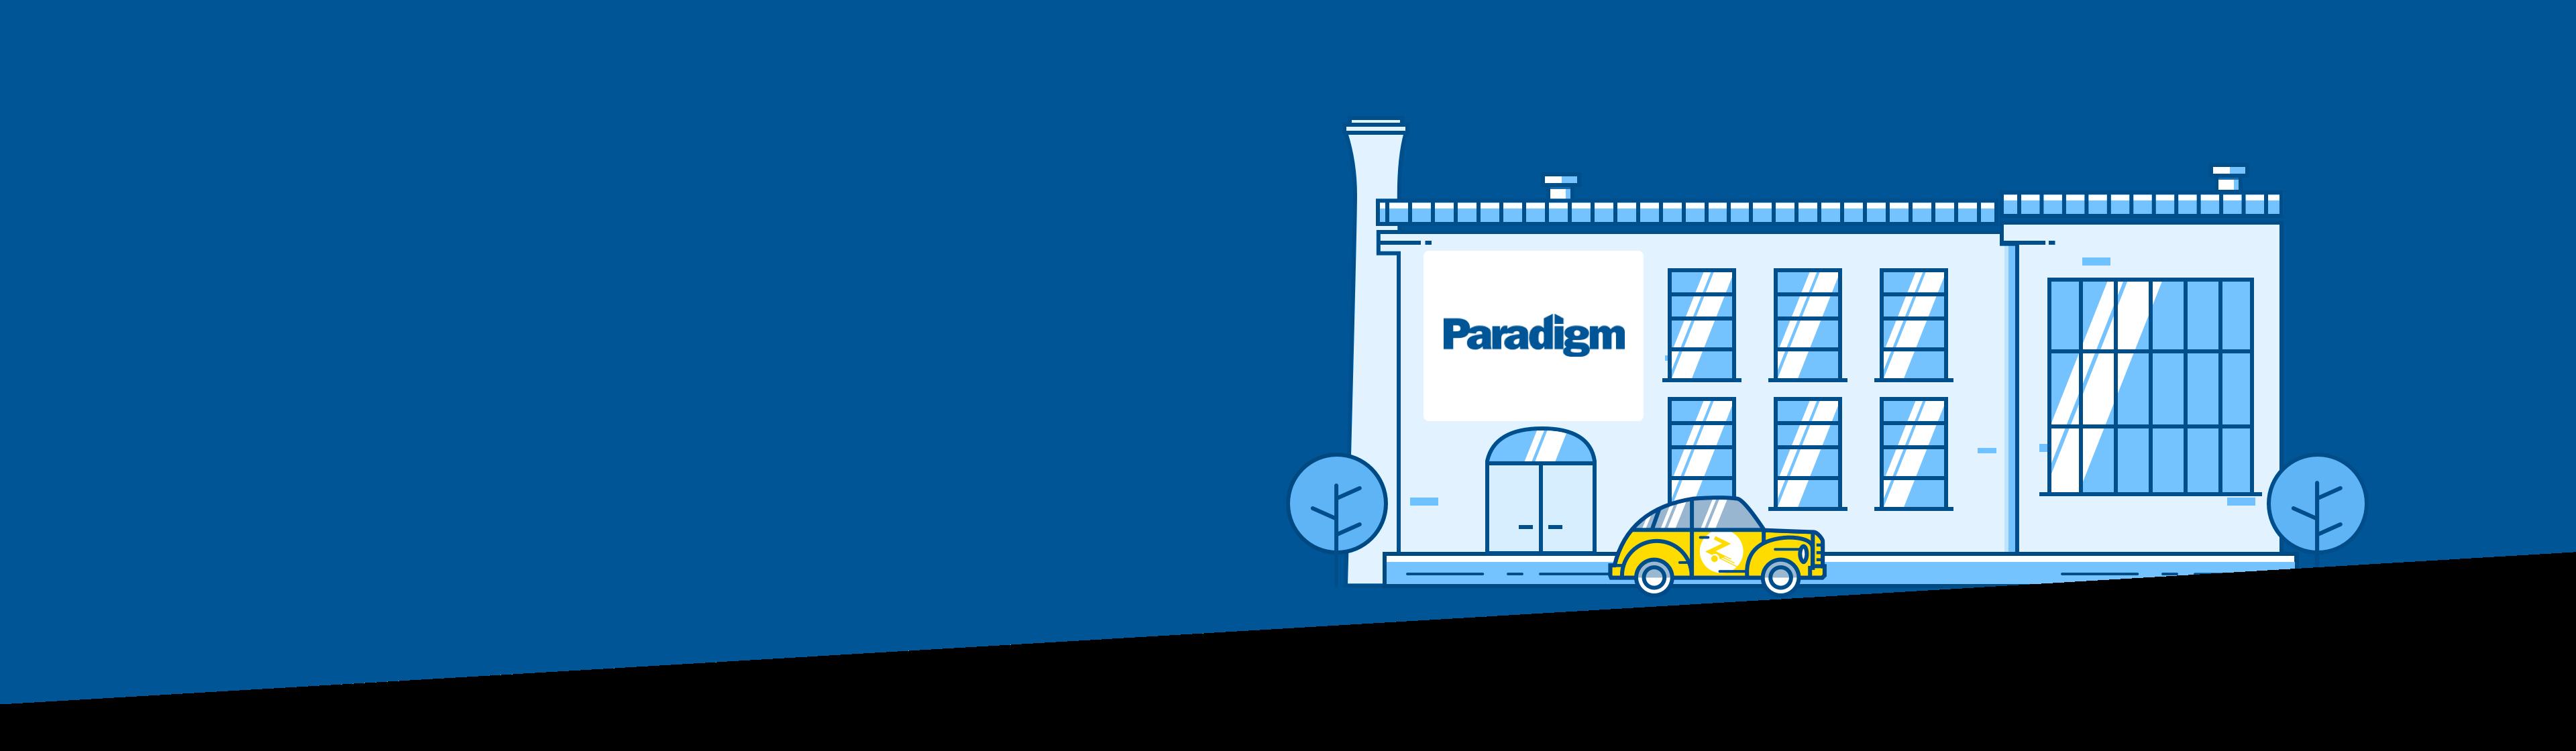 paradigm landing page photo